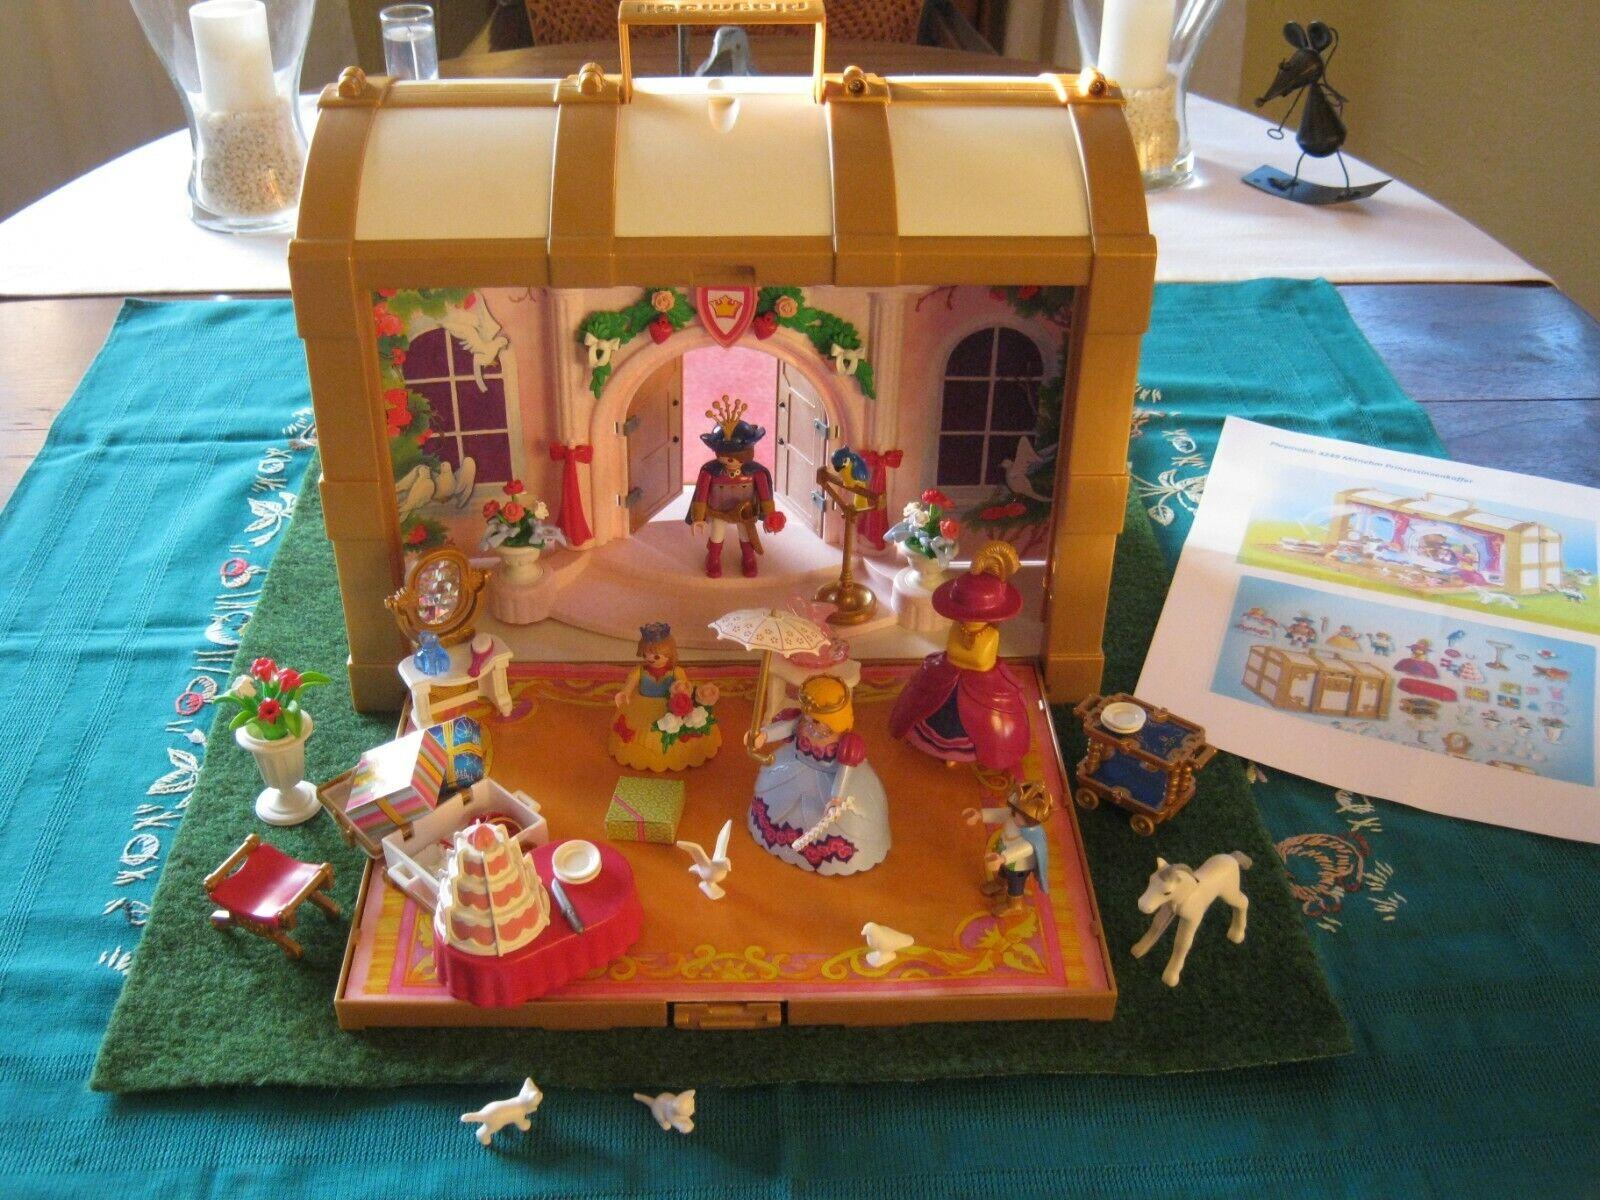 Playmobil 4249 Prinzessinnen Mitnehmkoffer Geburtstag für 4250 5142 6848+ OVP  | Treten Sie ein in die Welt der Spielzeuge und finden Sie eine Quelle des Glücks